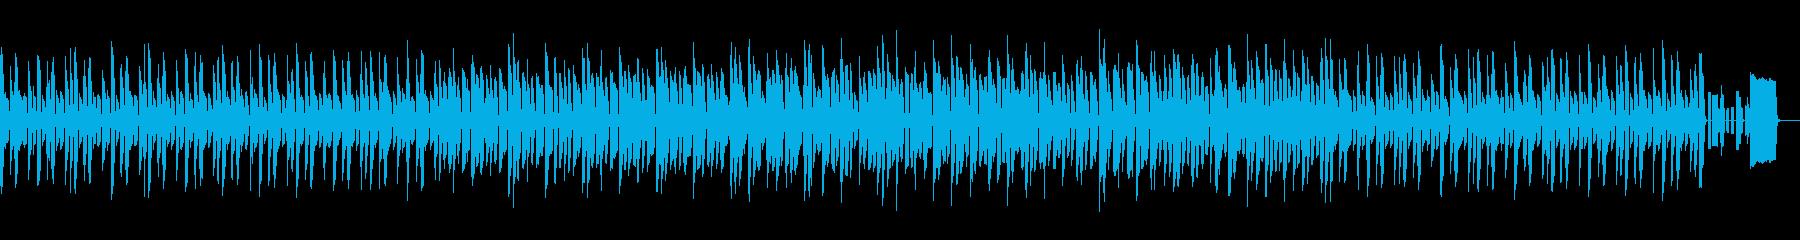 バラエティ コミカルなファミコンサウンドの再生済みの波形